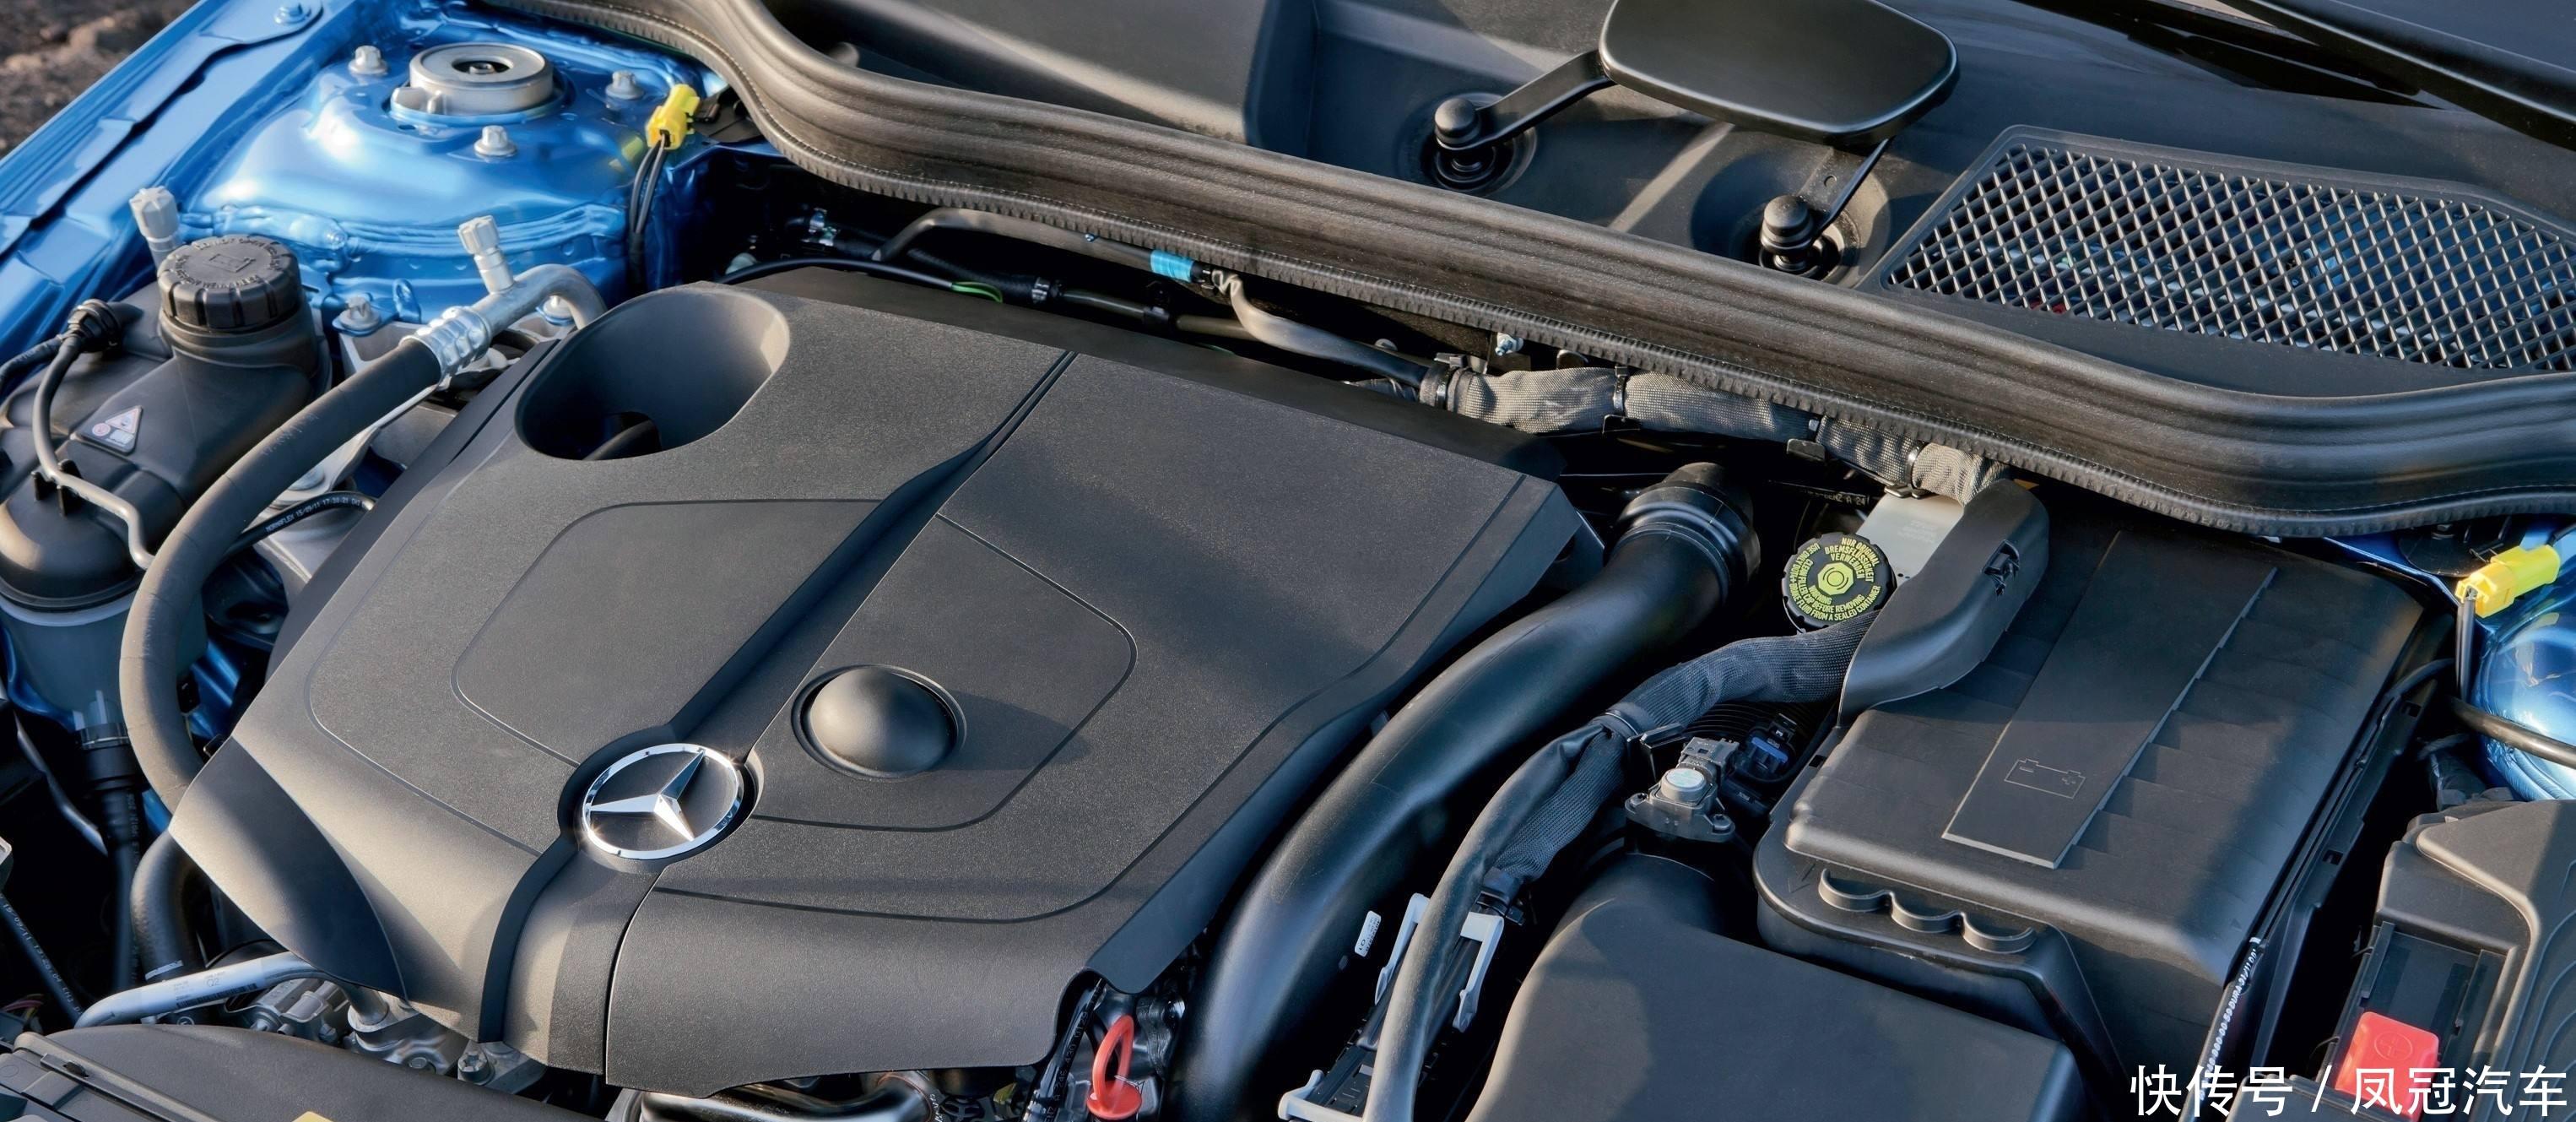 如何区分汽车发动机好坏?汽修工:跑120码,高于这个数坚决不买